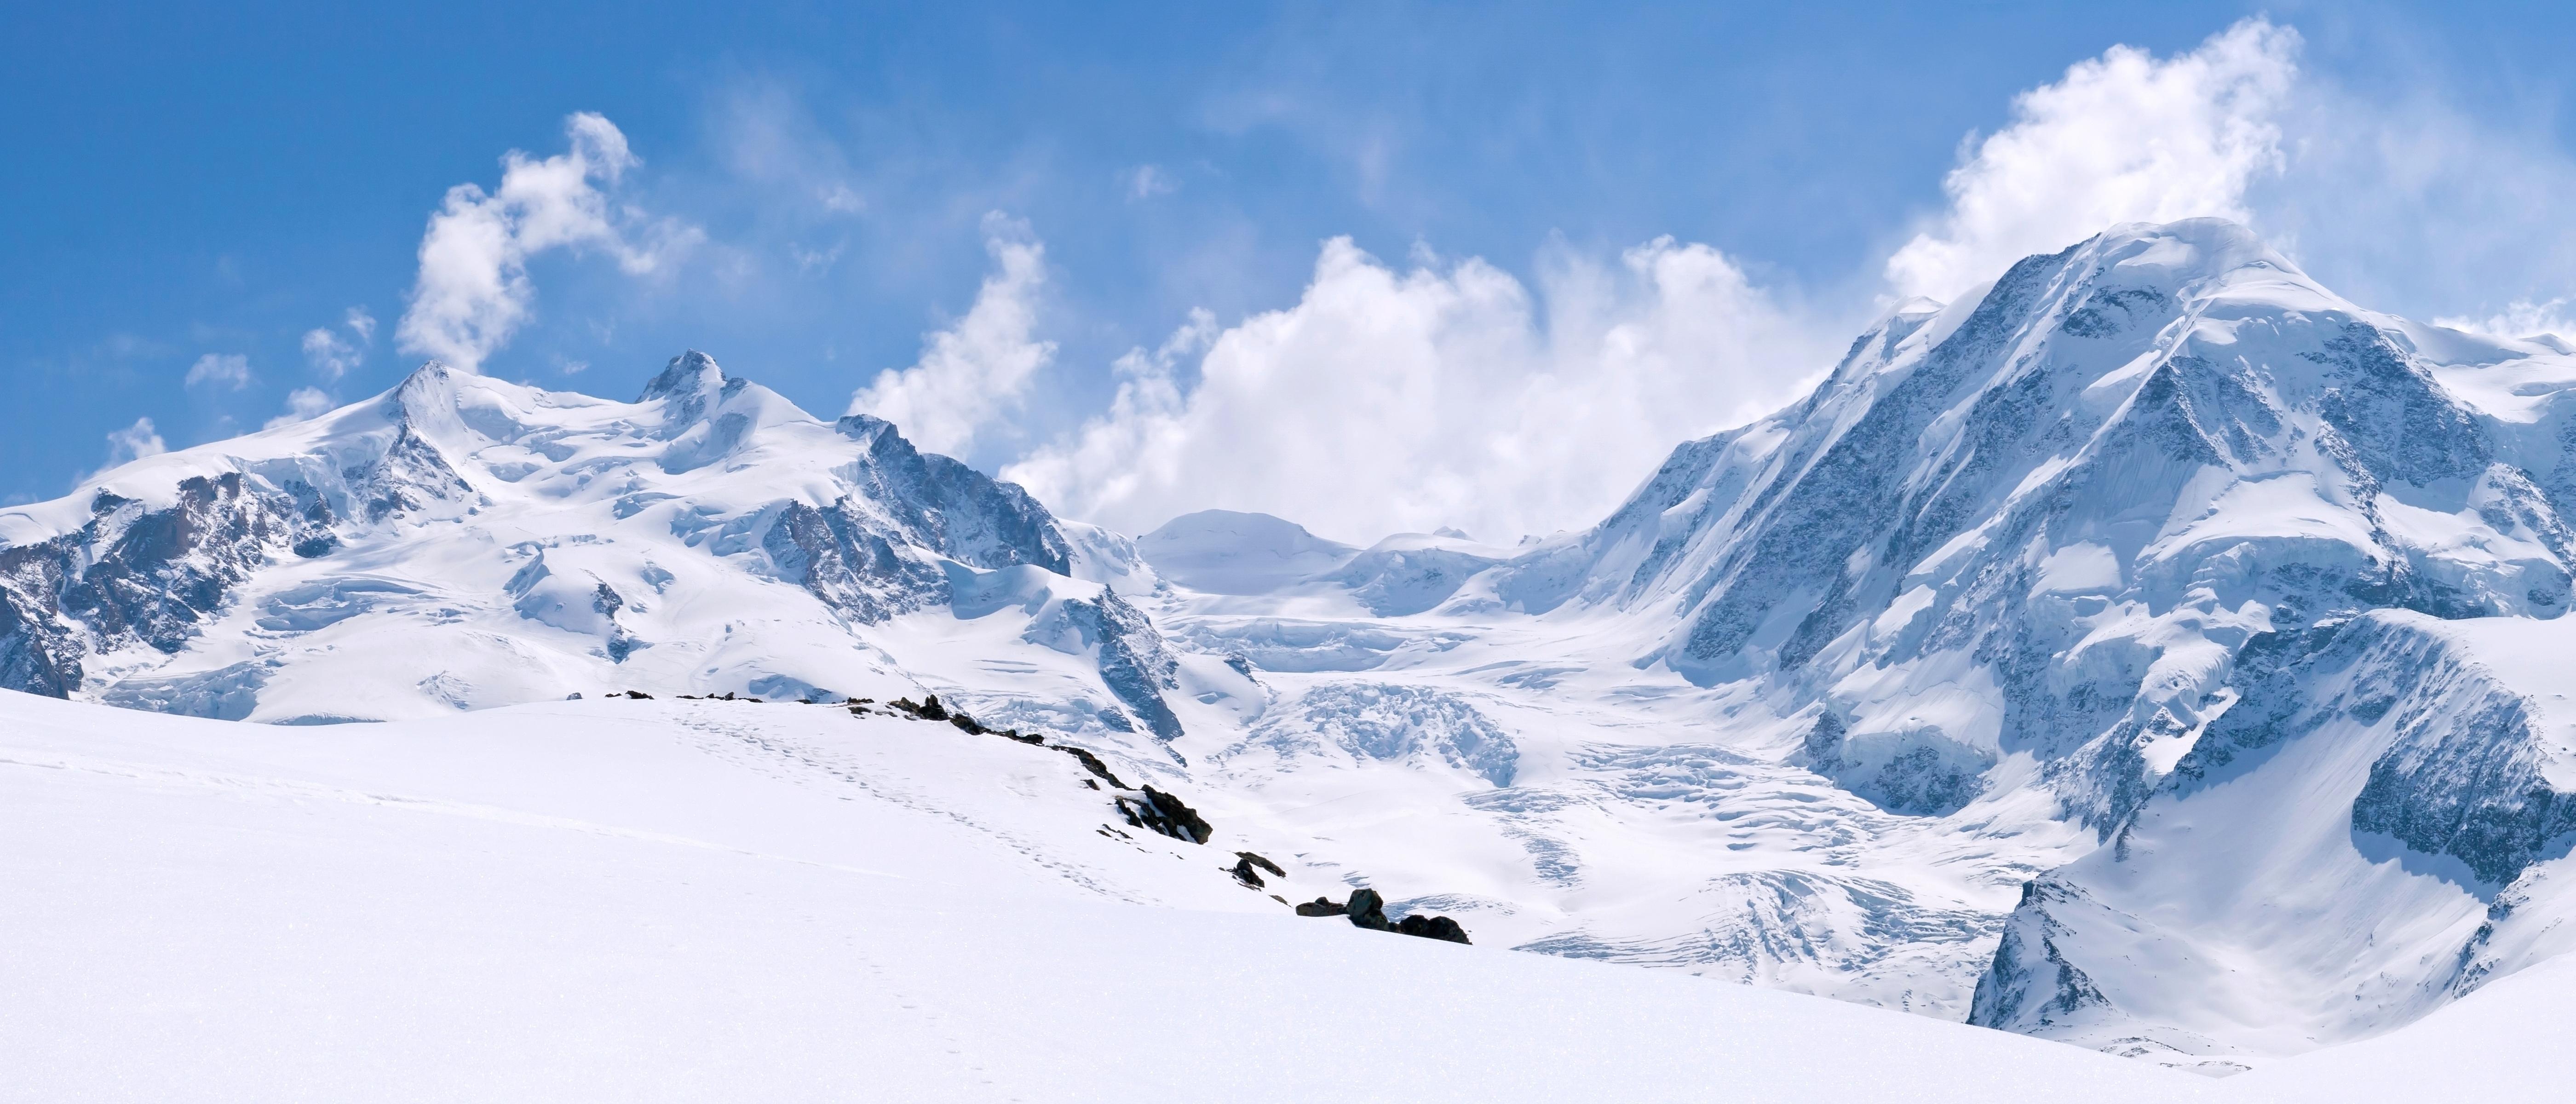 гора снег ели зима mountain snow ate winter загрузить